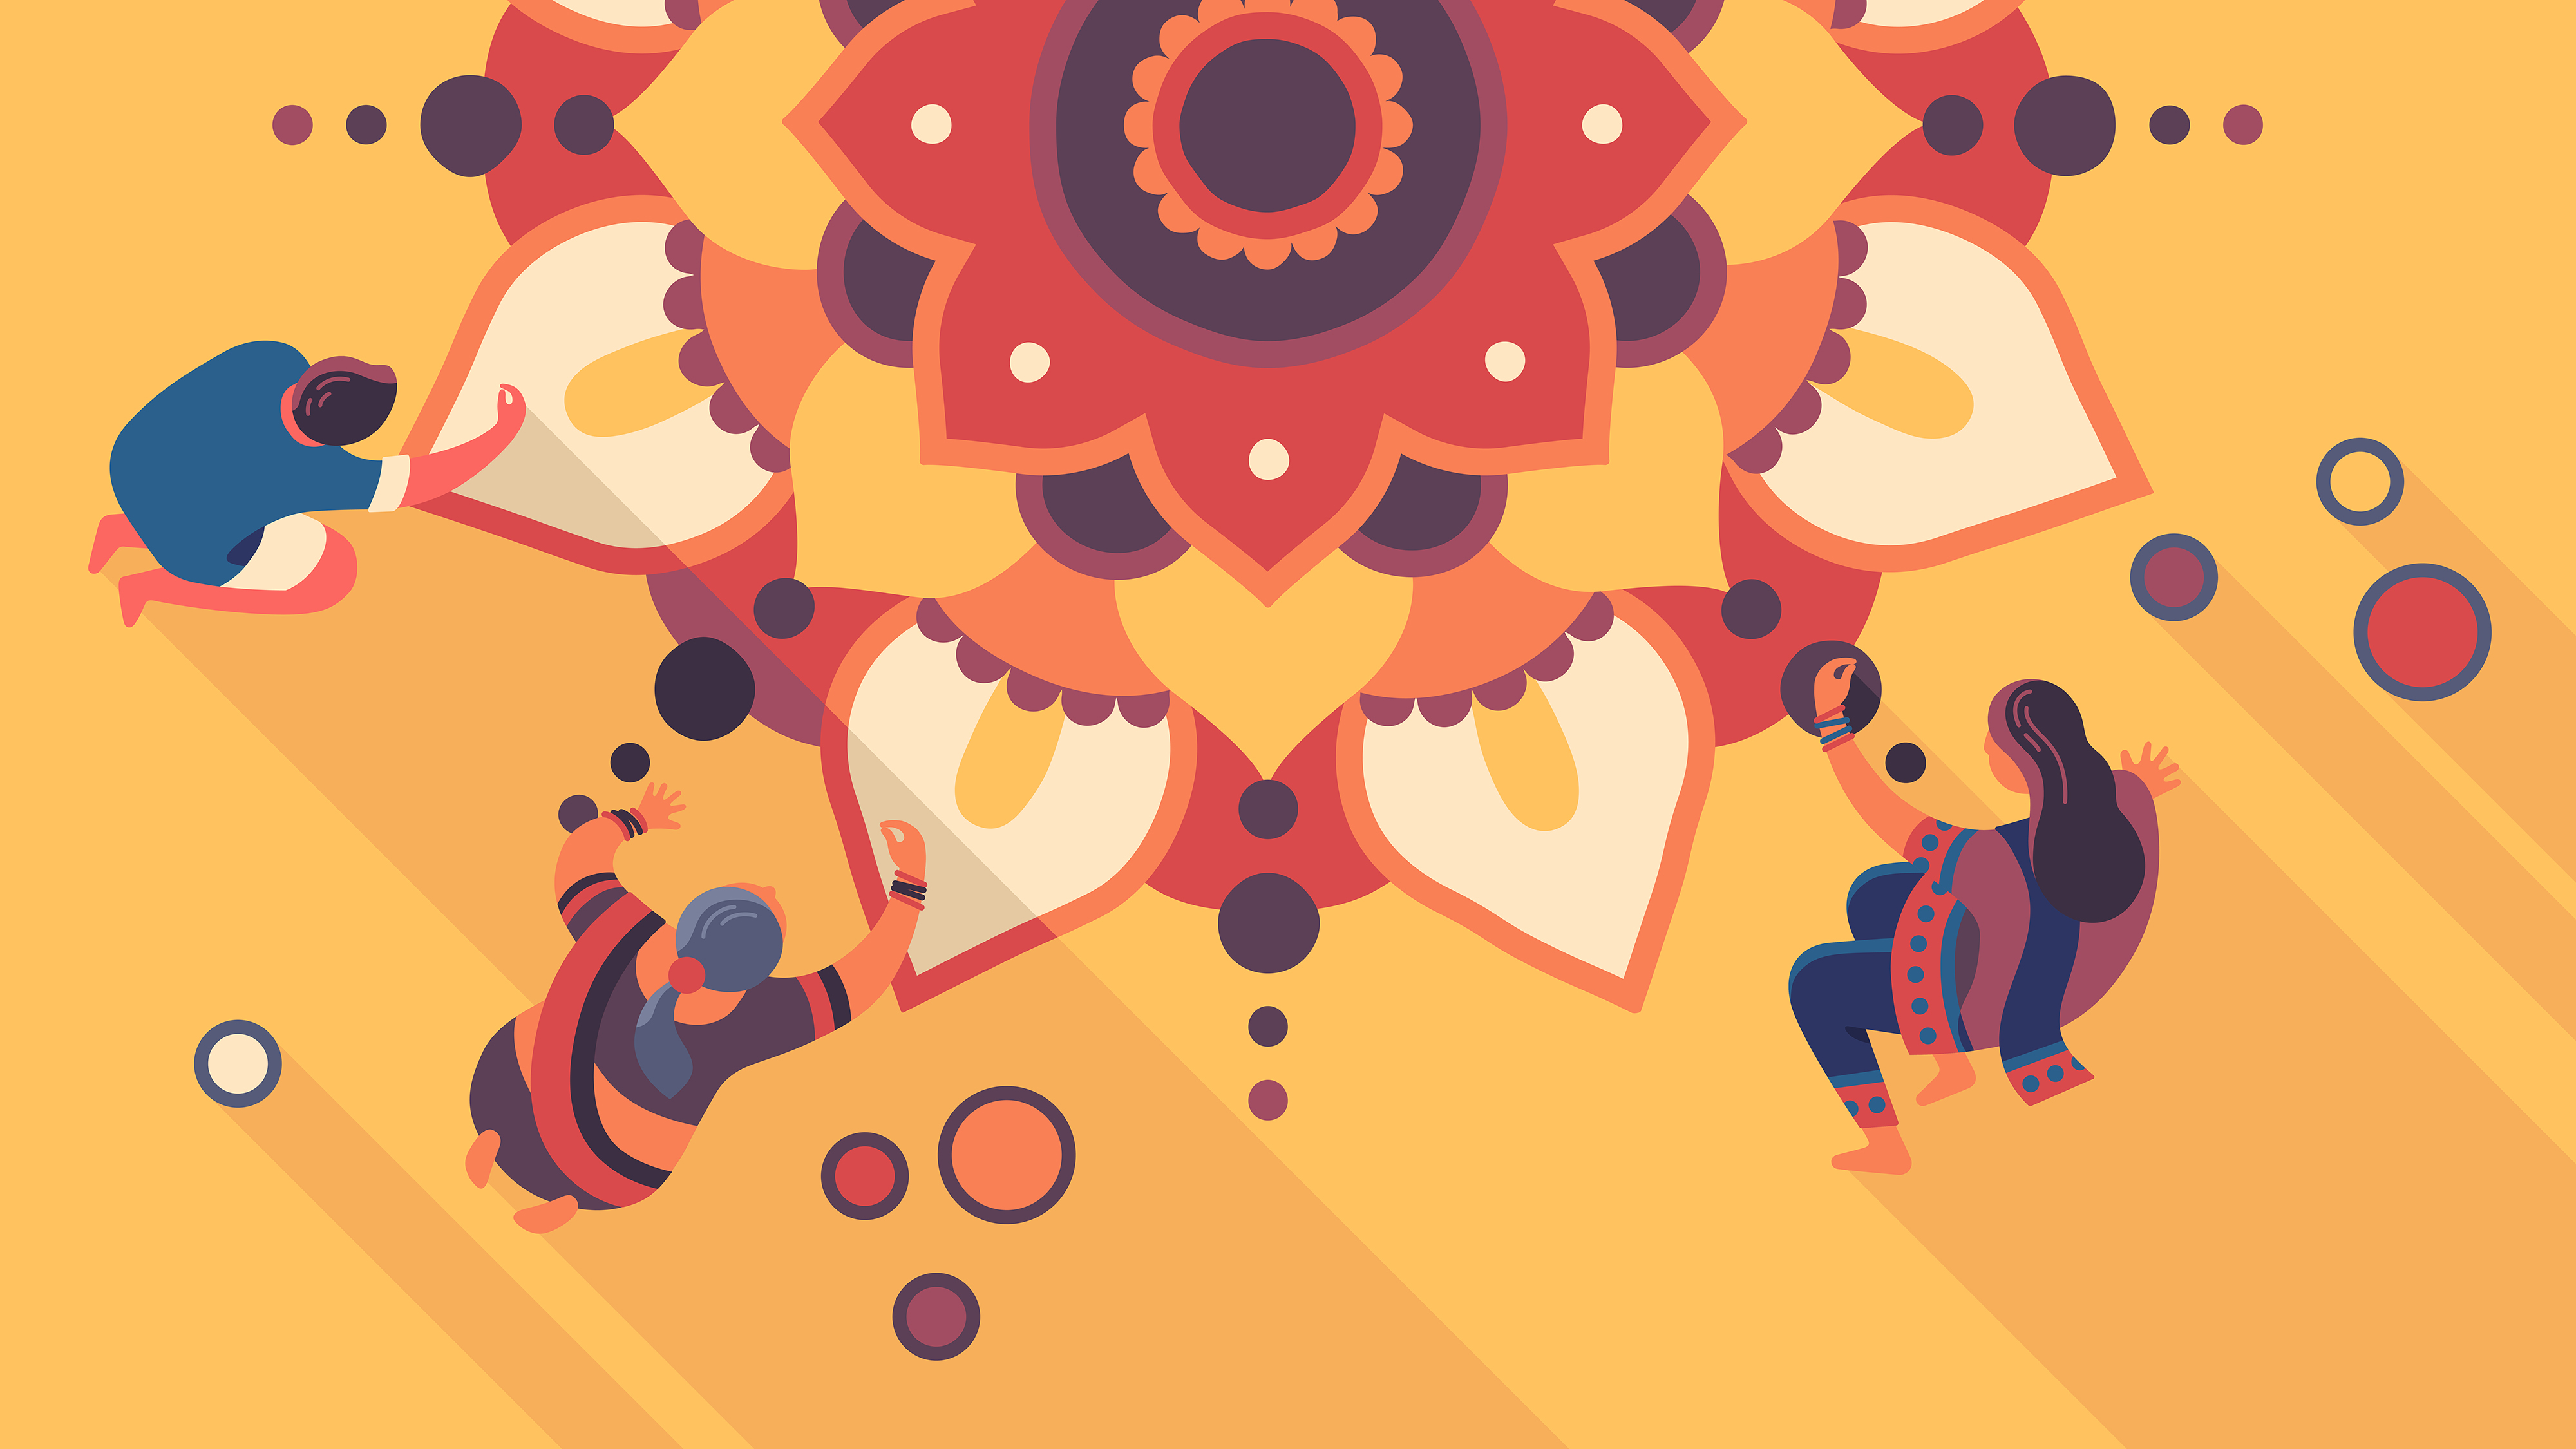 How to Celebrate Diwali in Turiya Style!